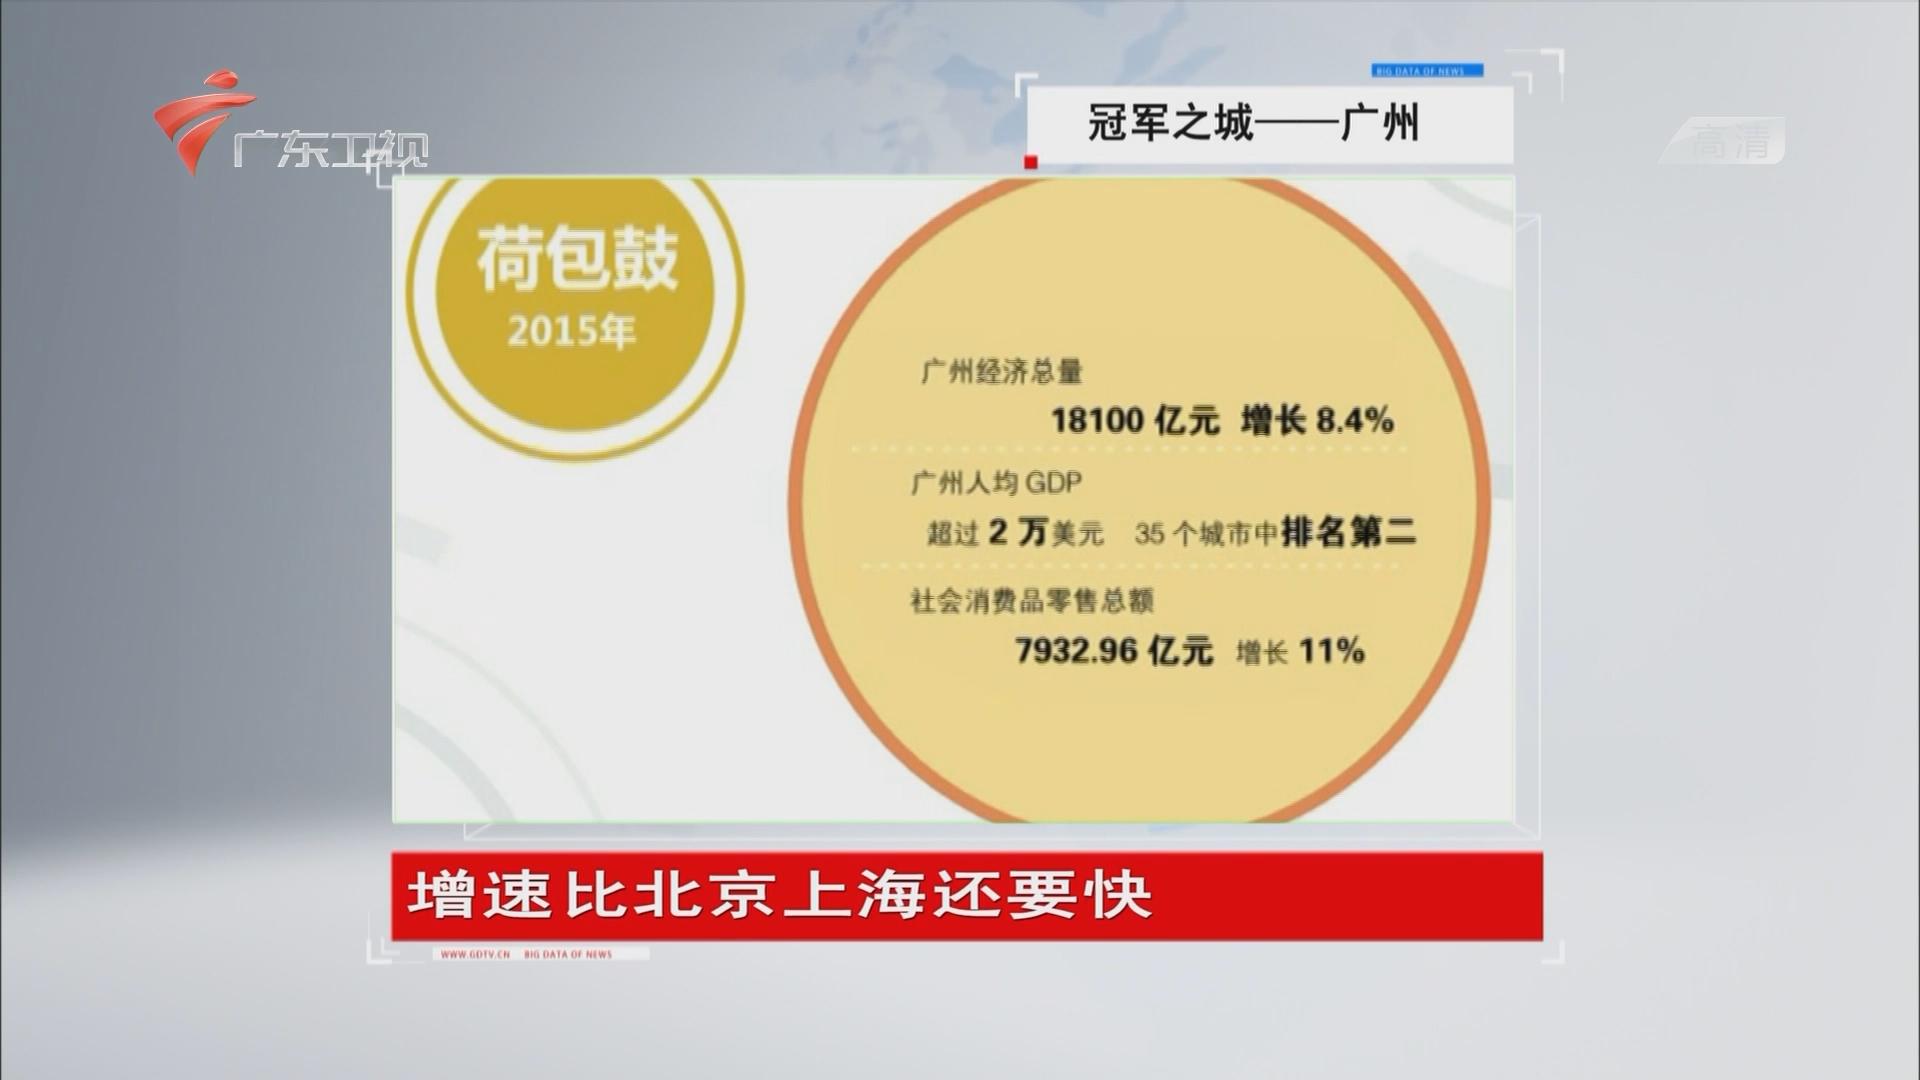 广州居中国城市人类发展指数第一